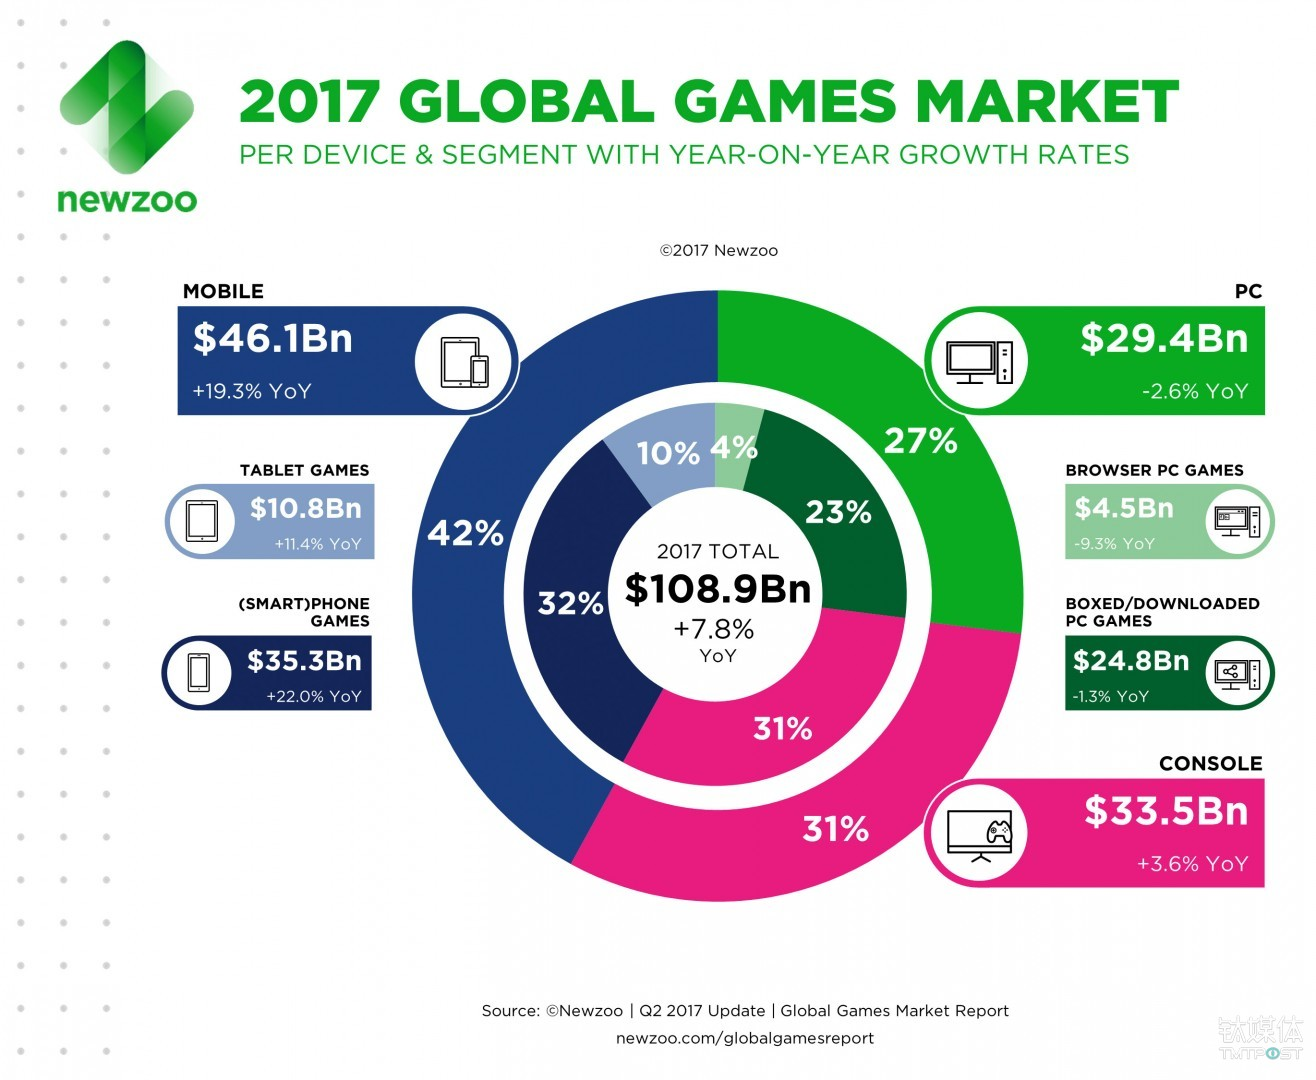 游戏产业在未来将继续保持高速发展 来源:newzoo